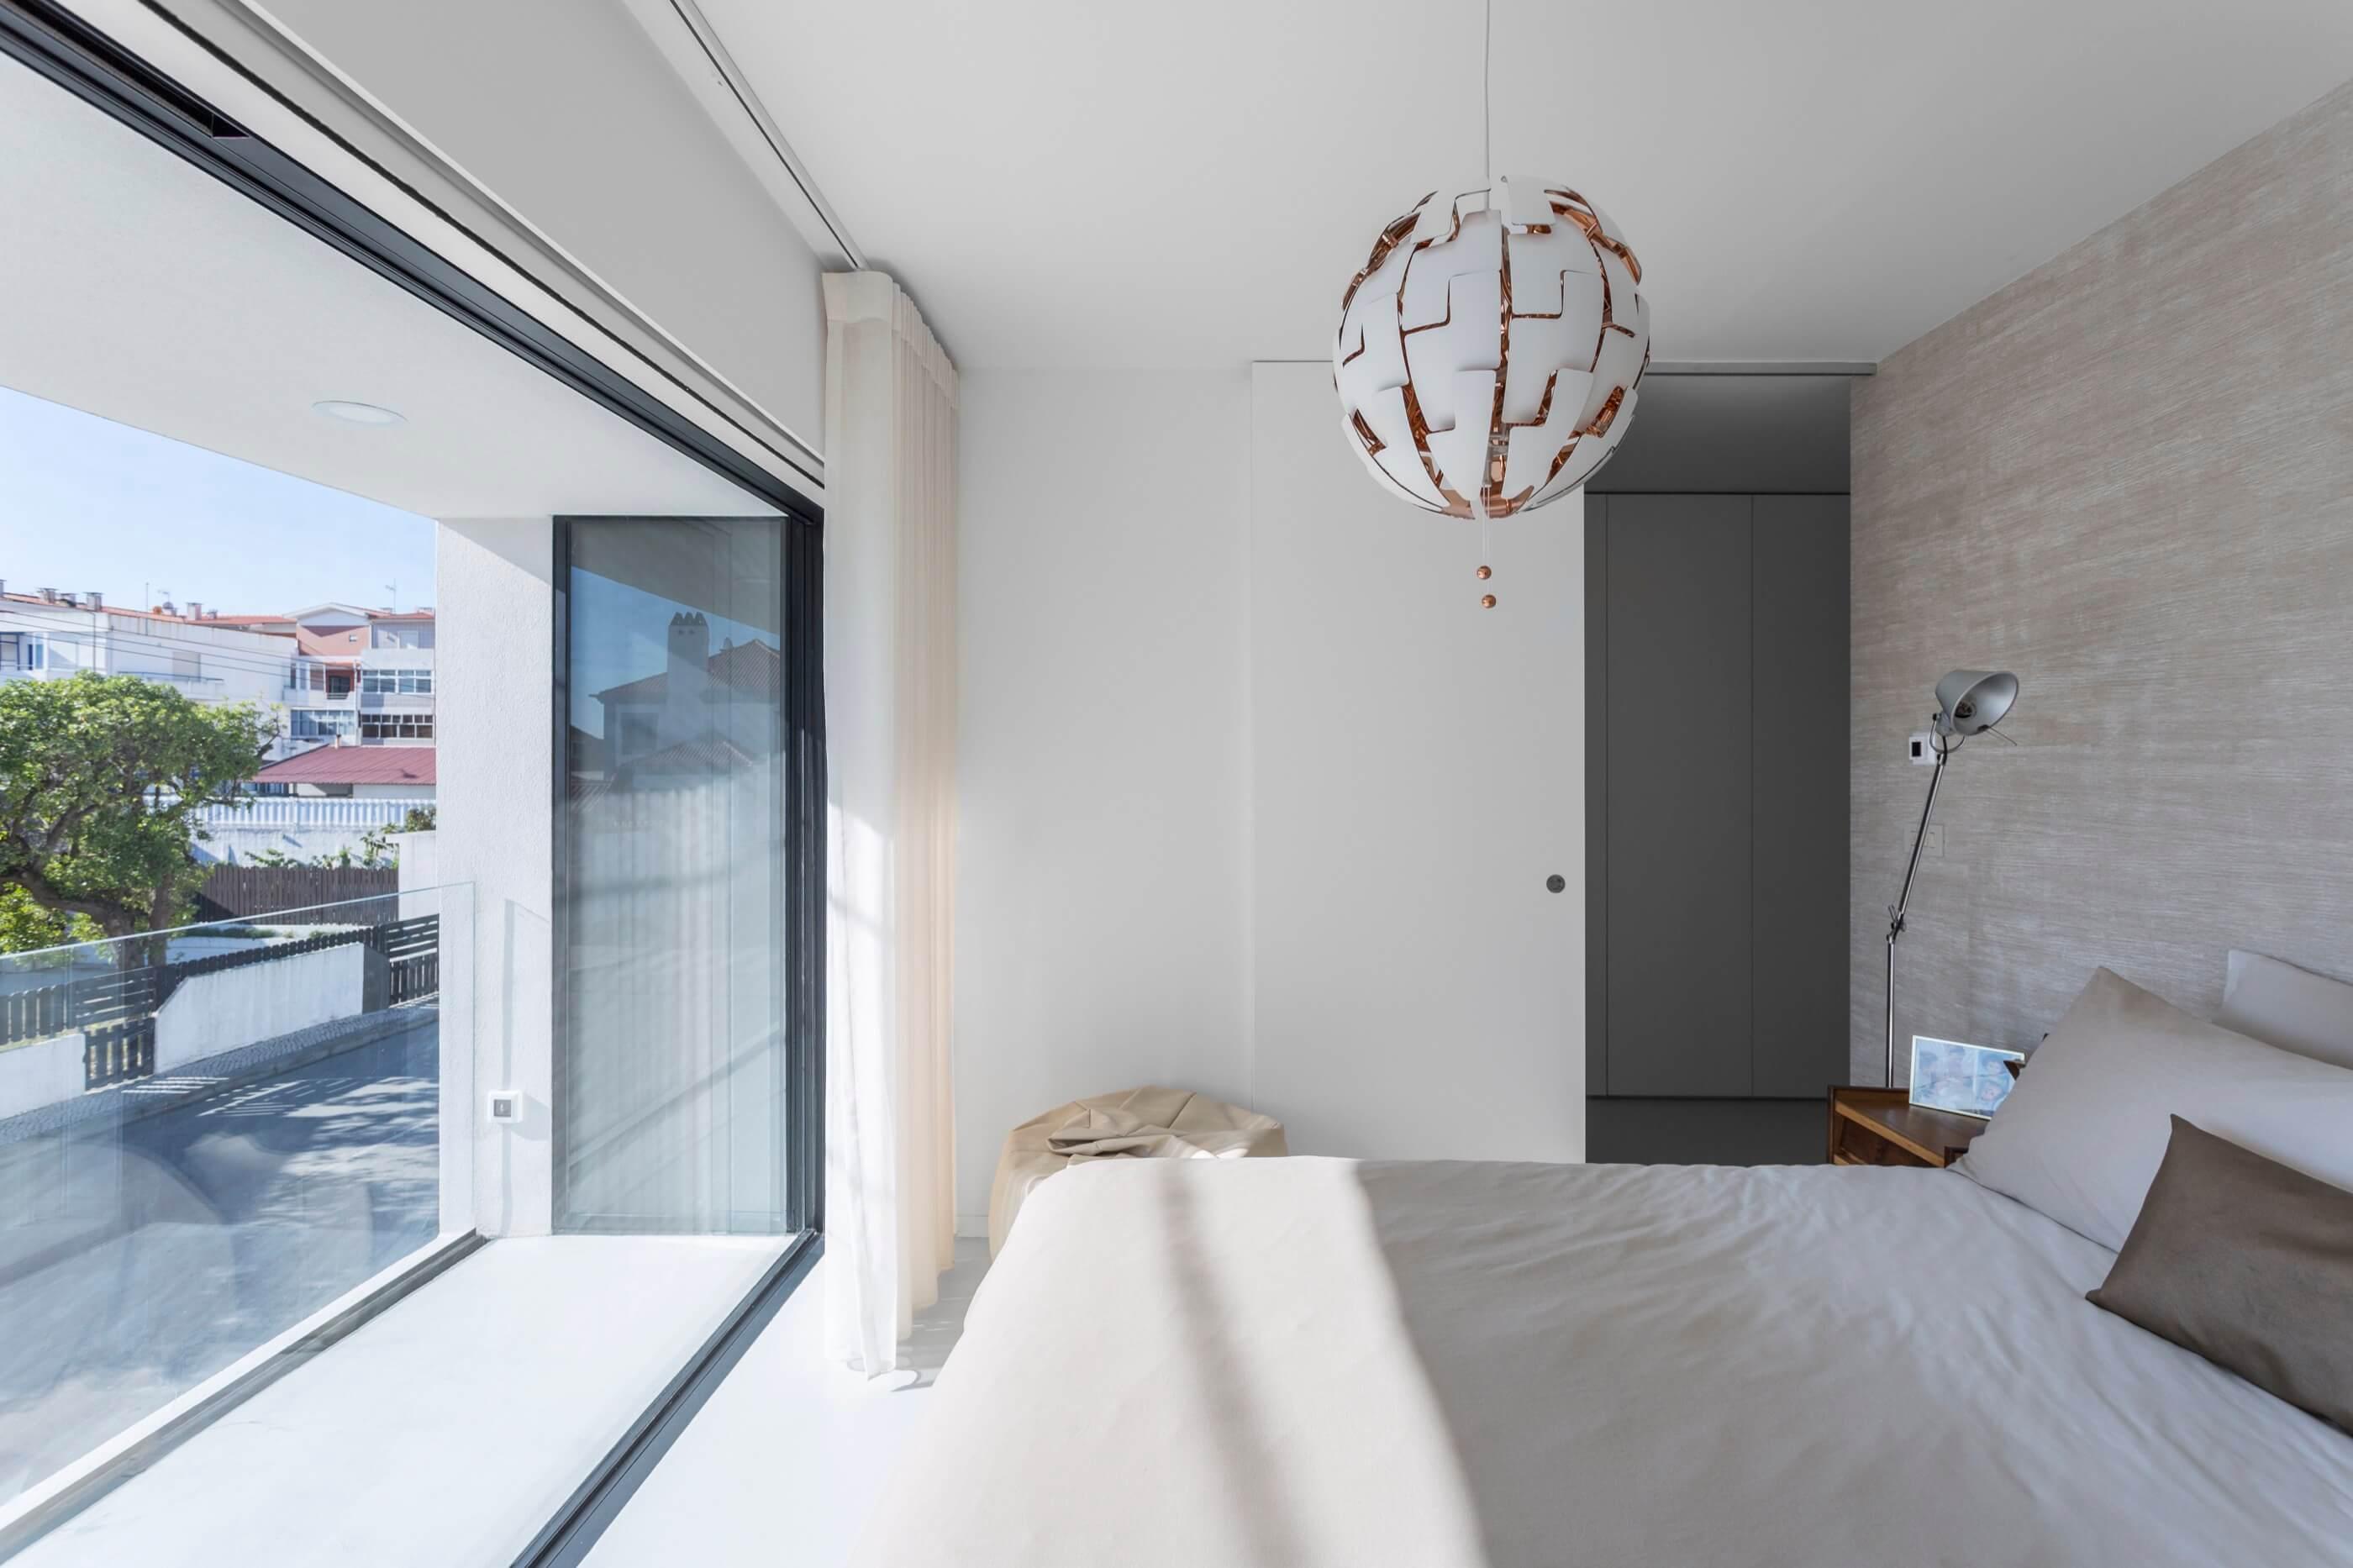 Arquitecto Lousinha Casa Fontes 19 do fotografo Ivo Tavares Studio